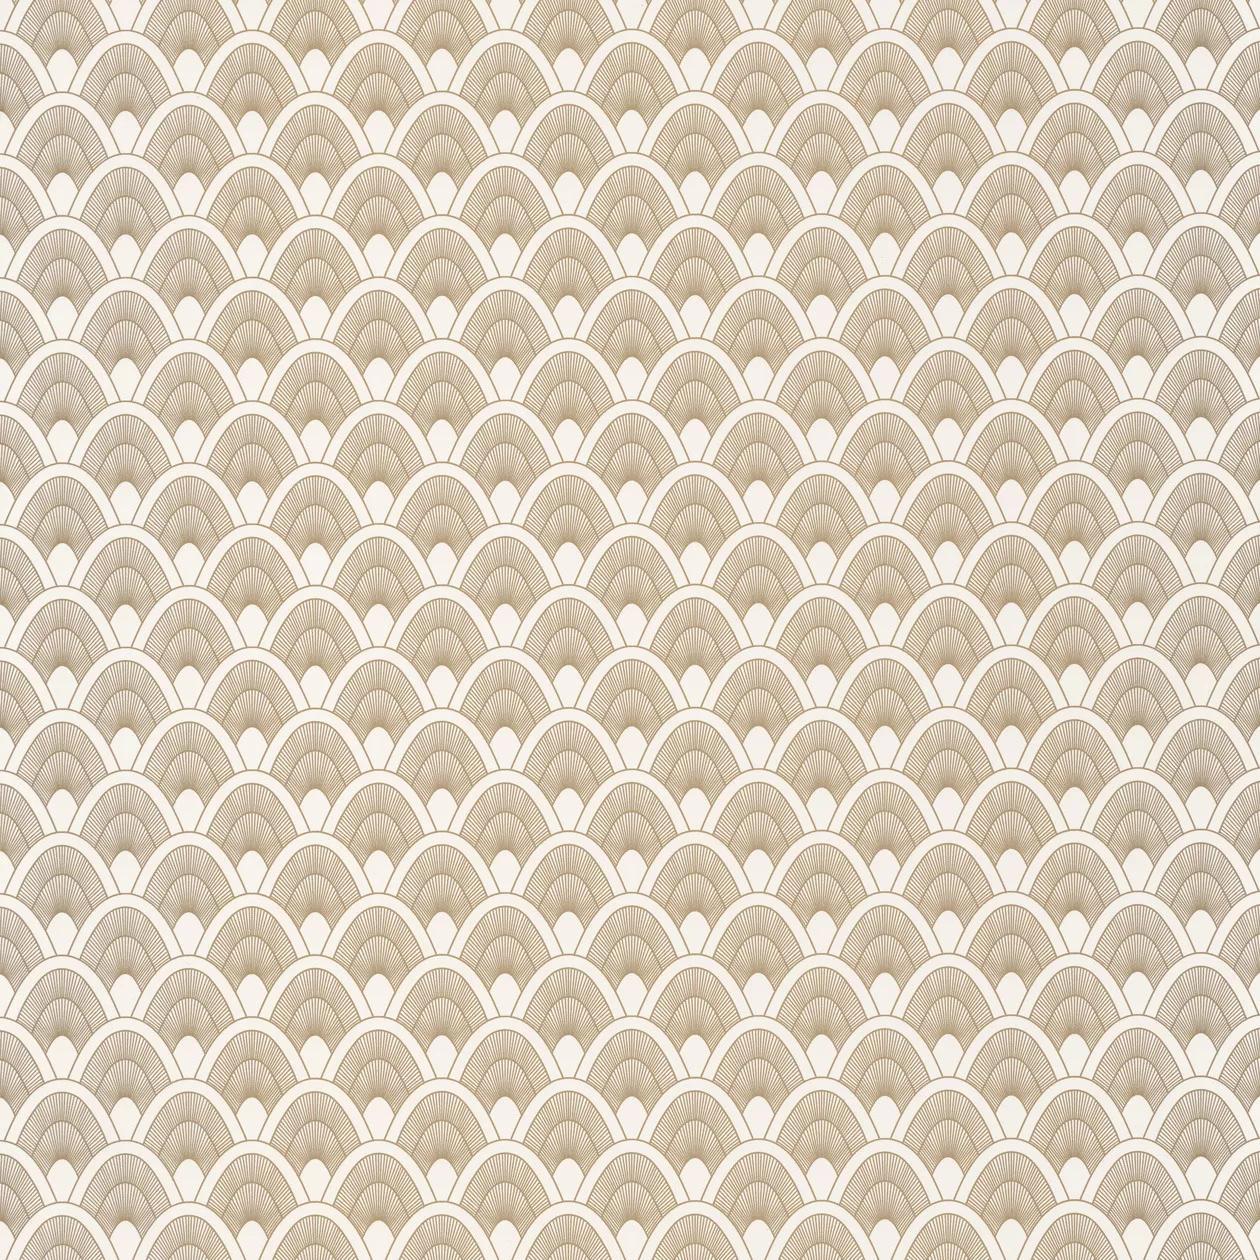 Krémfehér alapon barna fémes csillogású art deco mintás vlies design tapéta